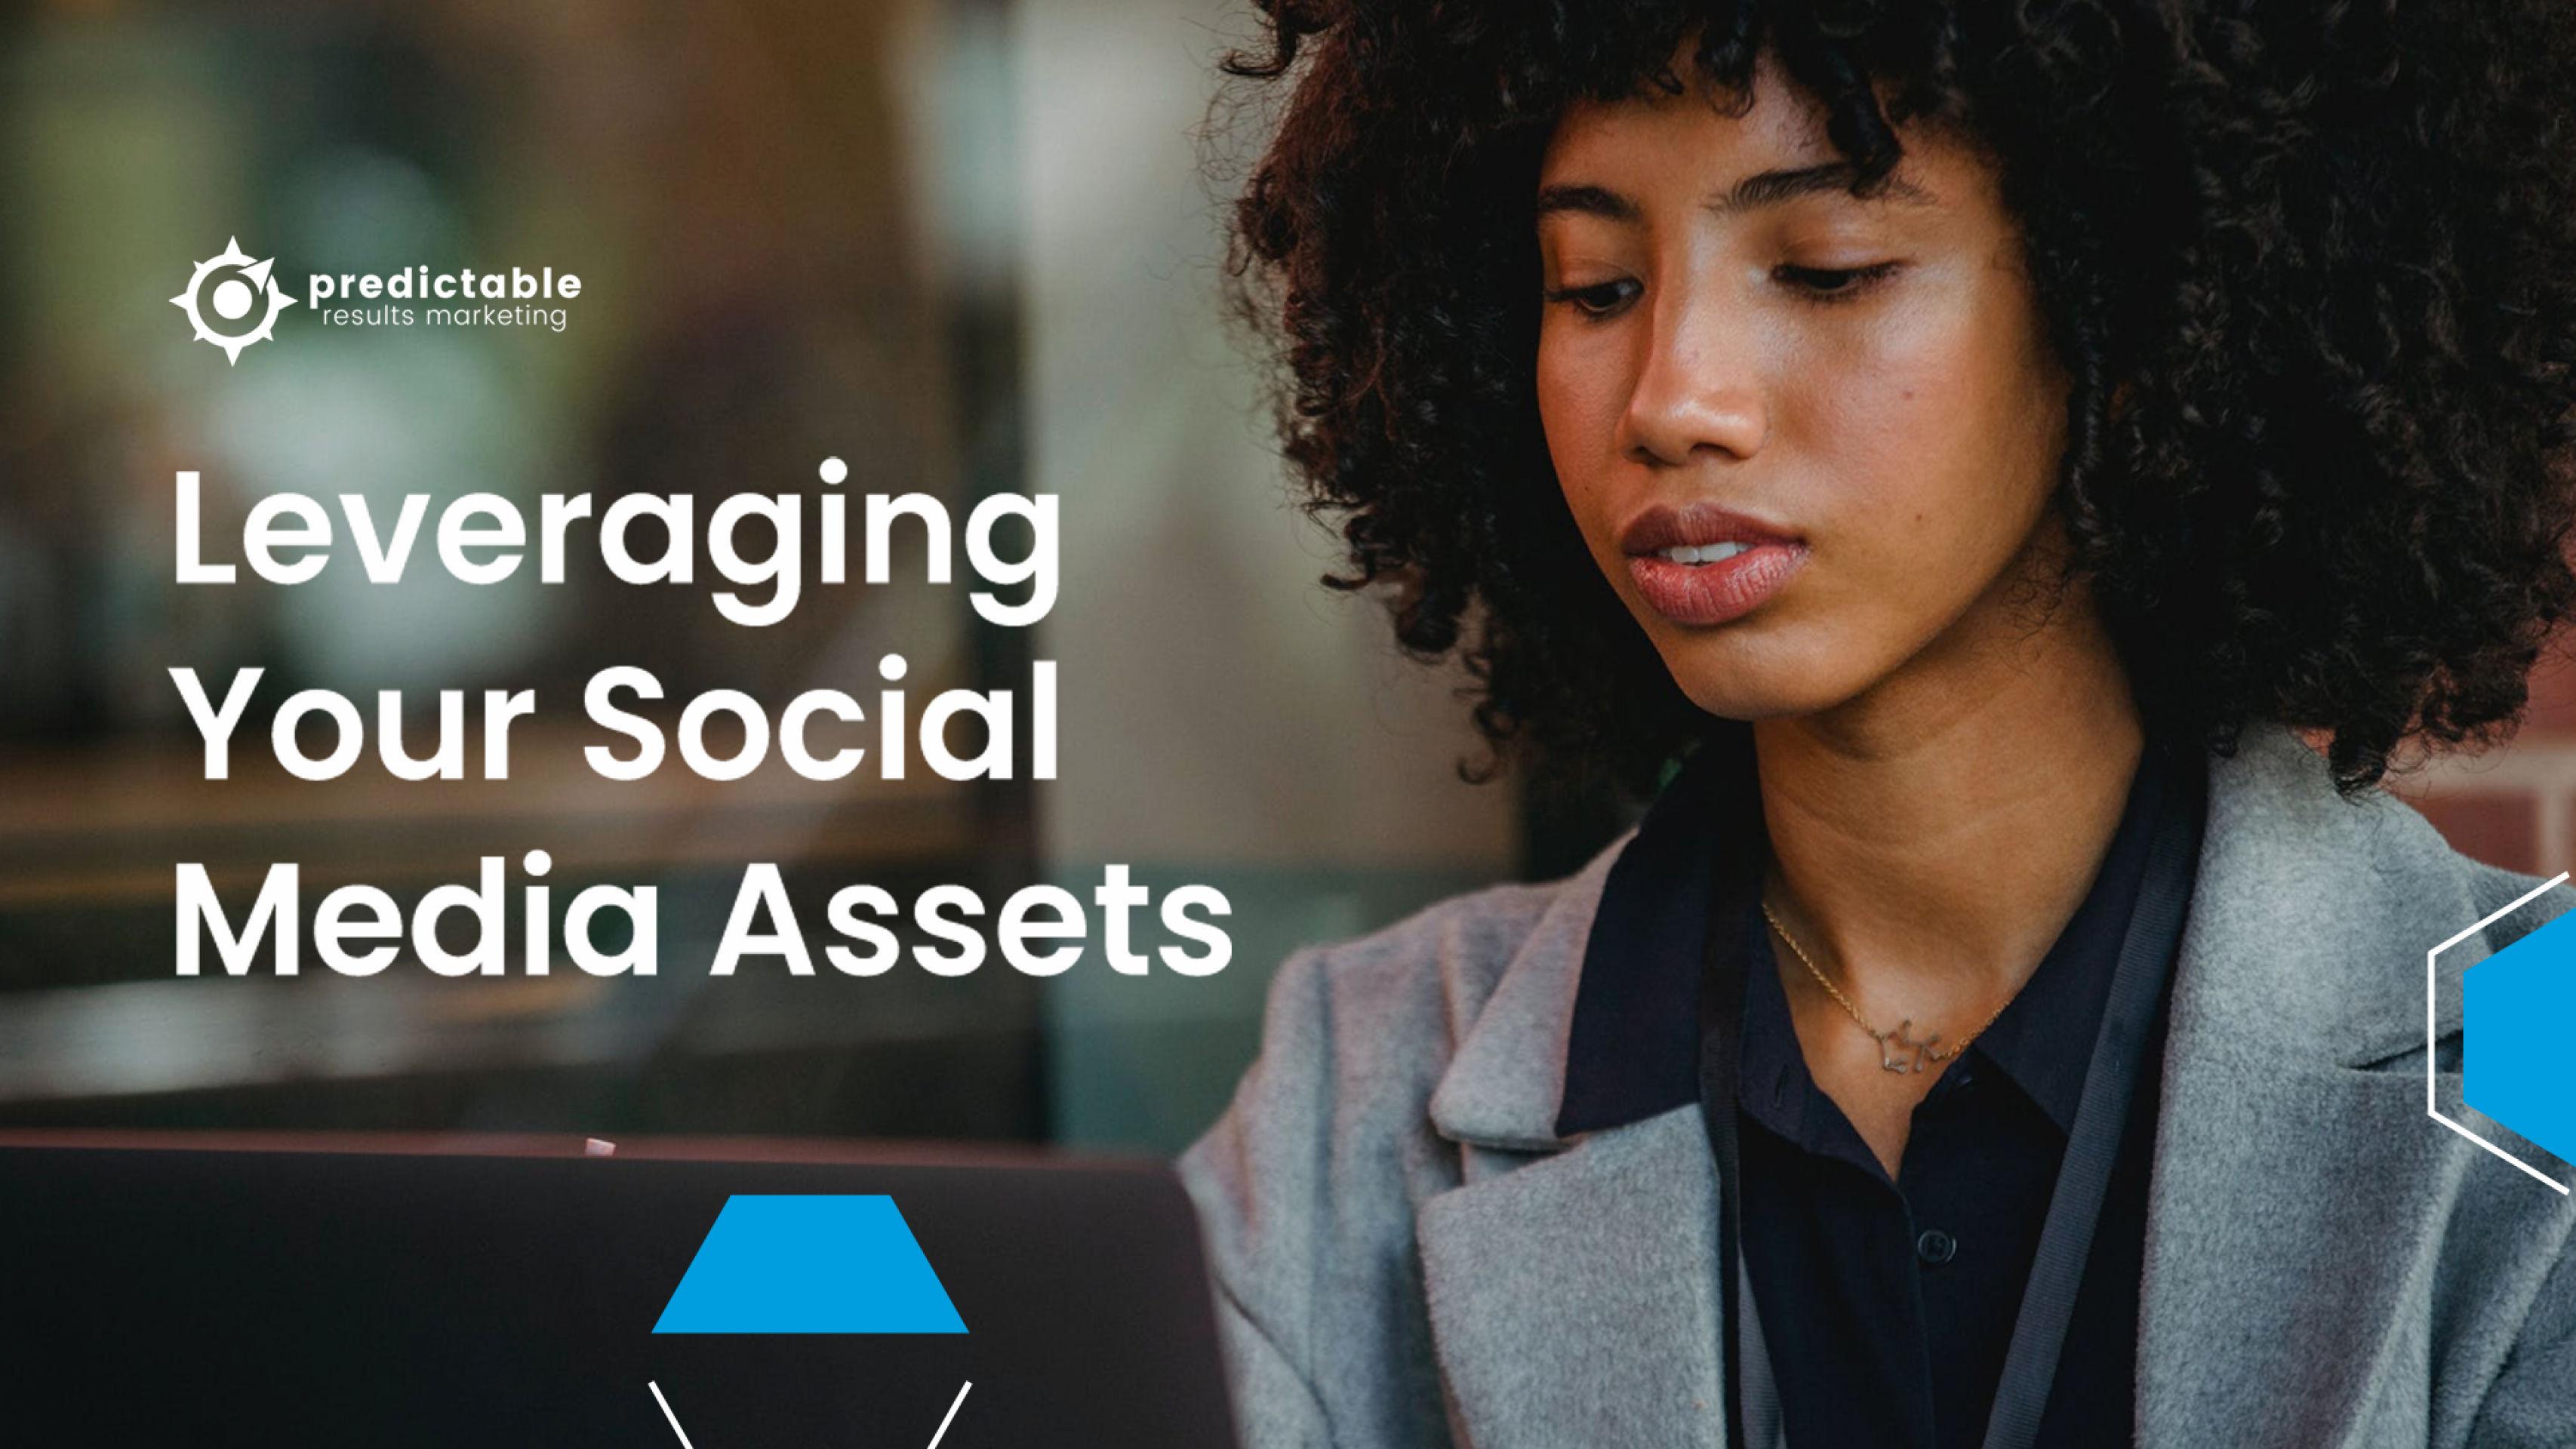 Leveraging Your Social Media Assets